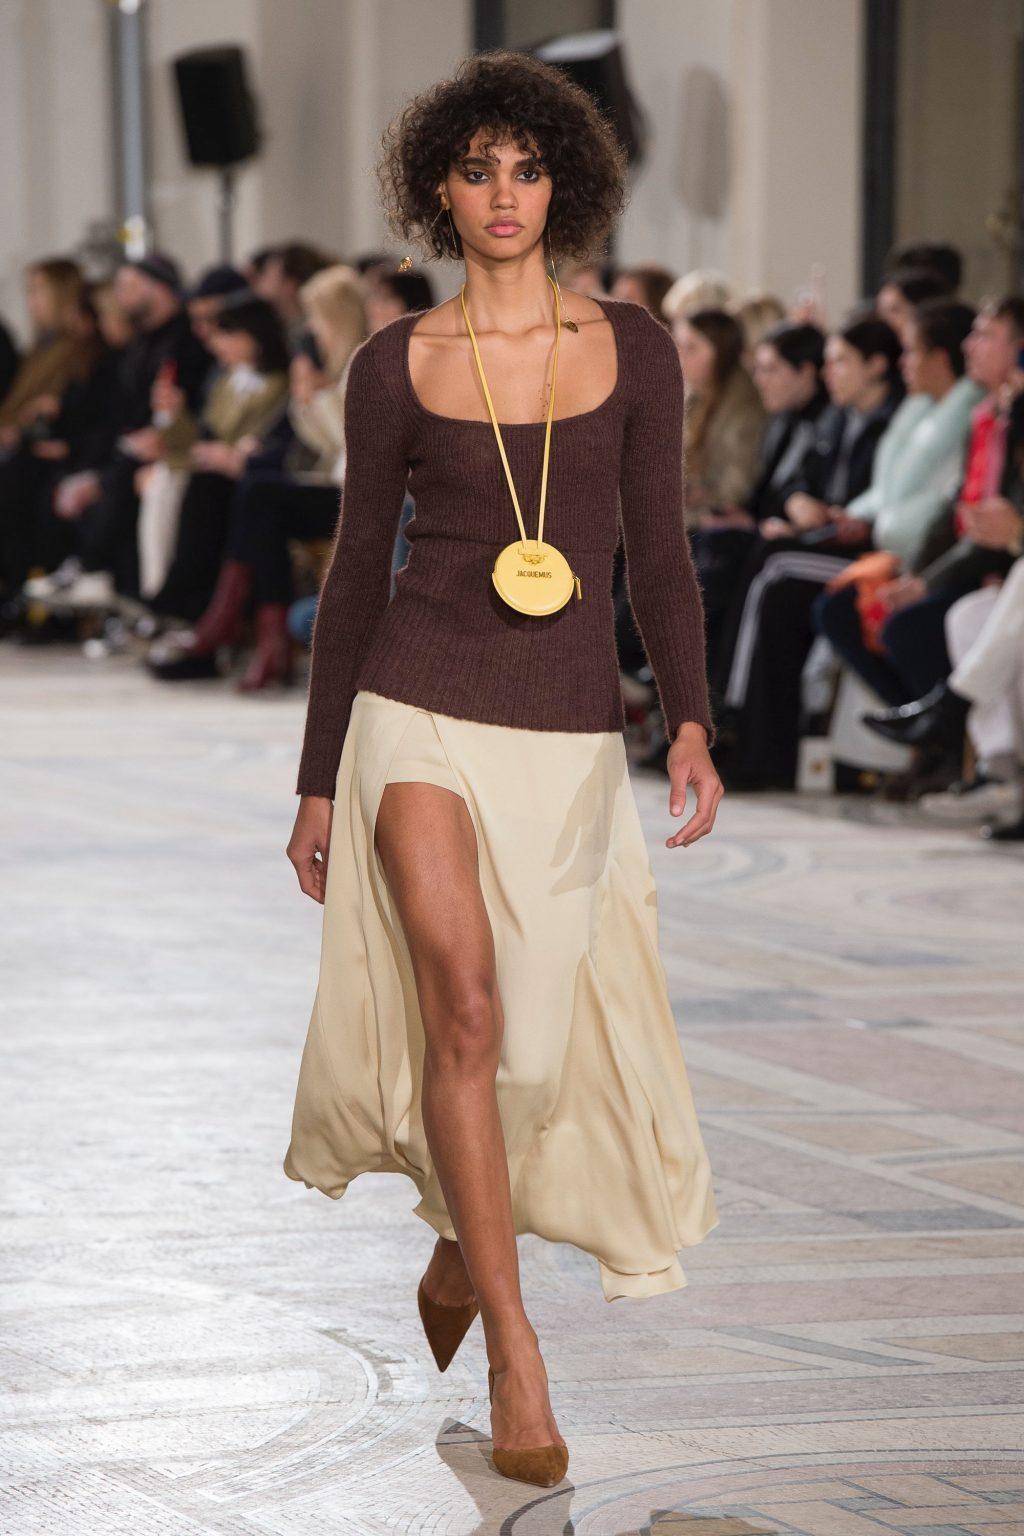 người mẫu diện túi xách đeo cổ trên sàn diễn